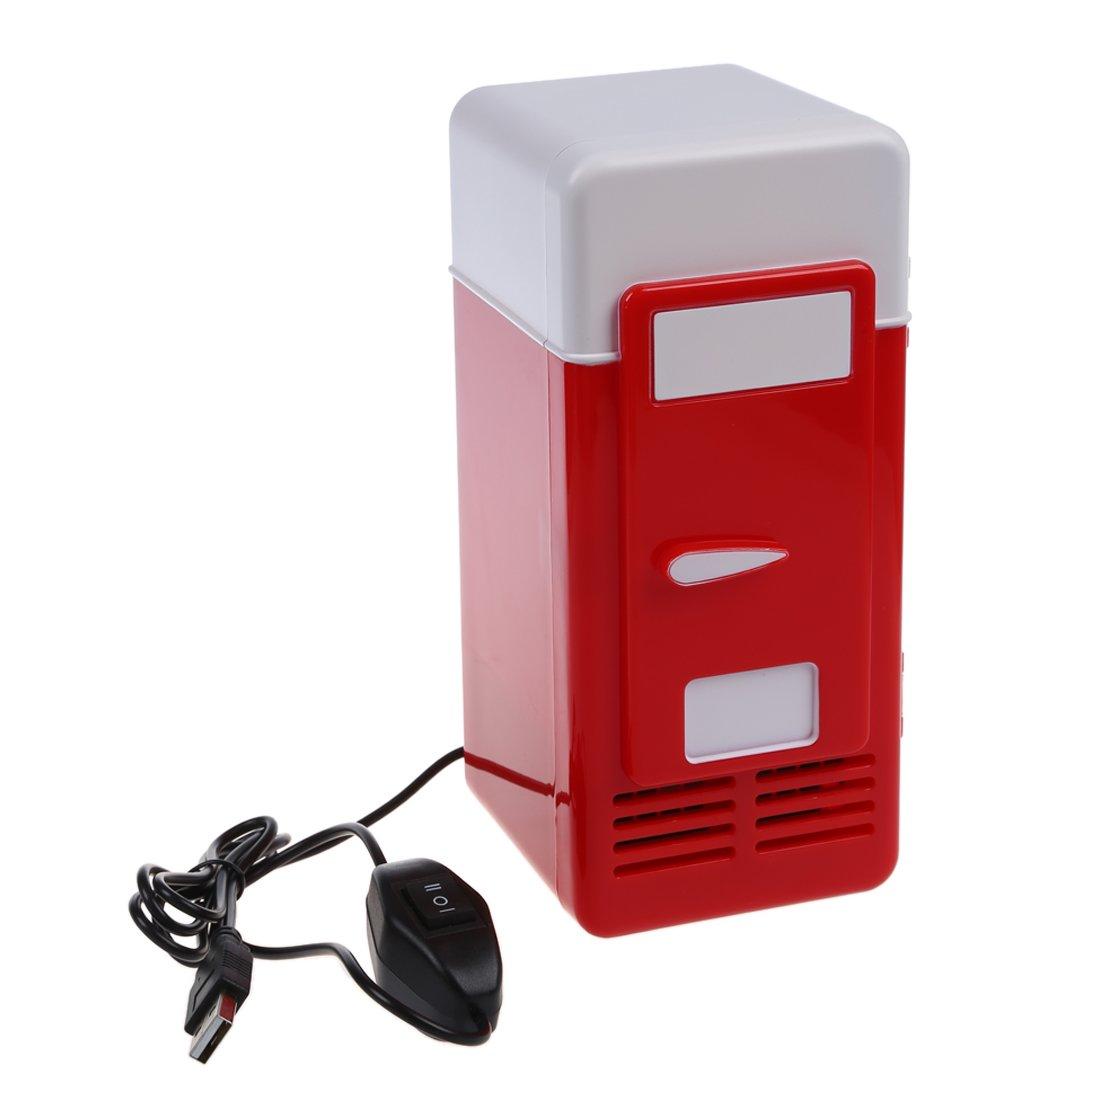 TOOGOO(R) Mini USB Fridge (Red)